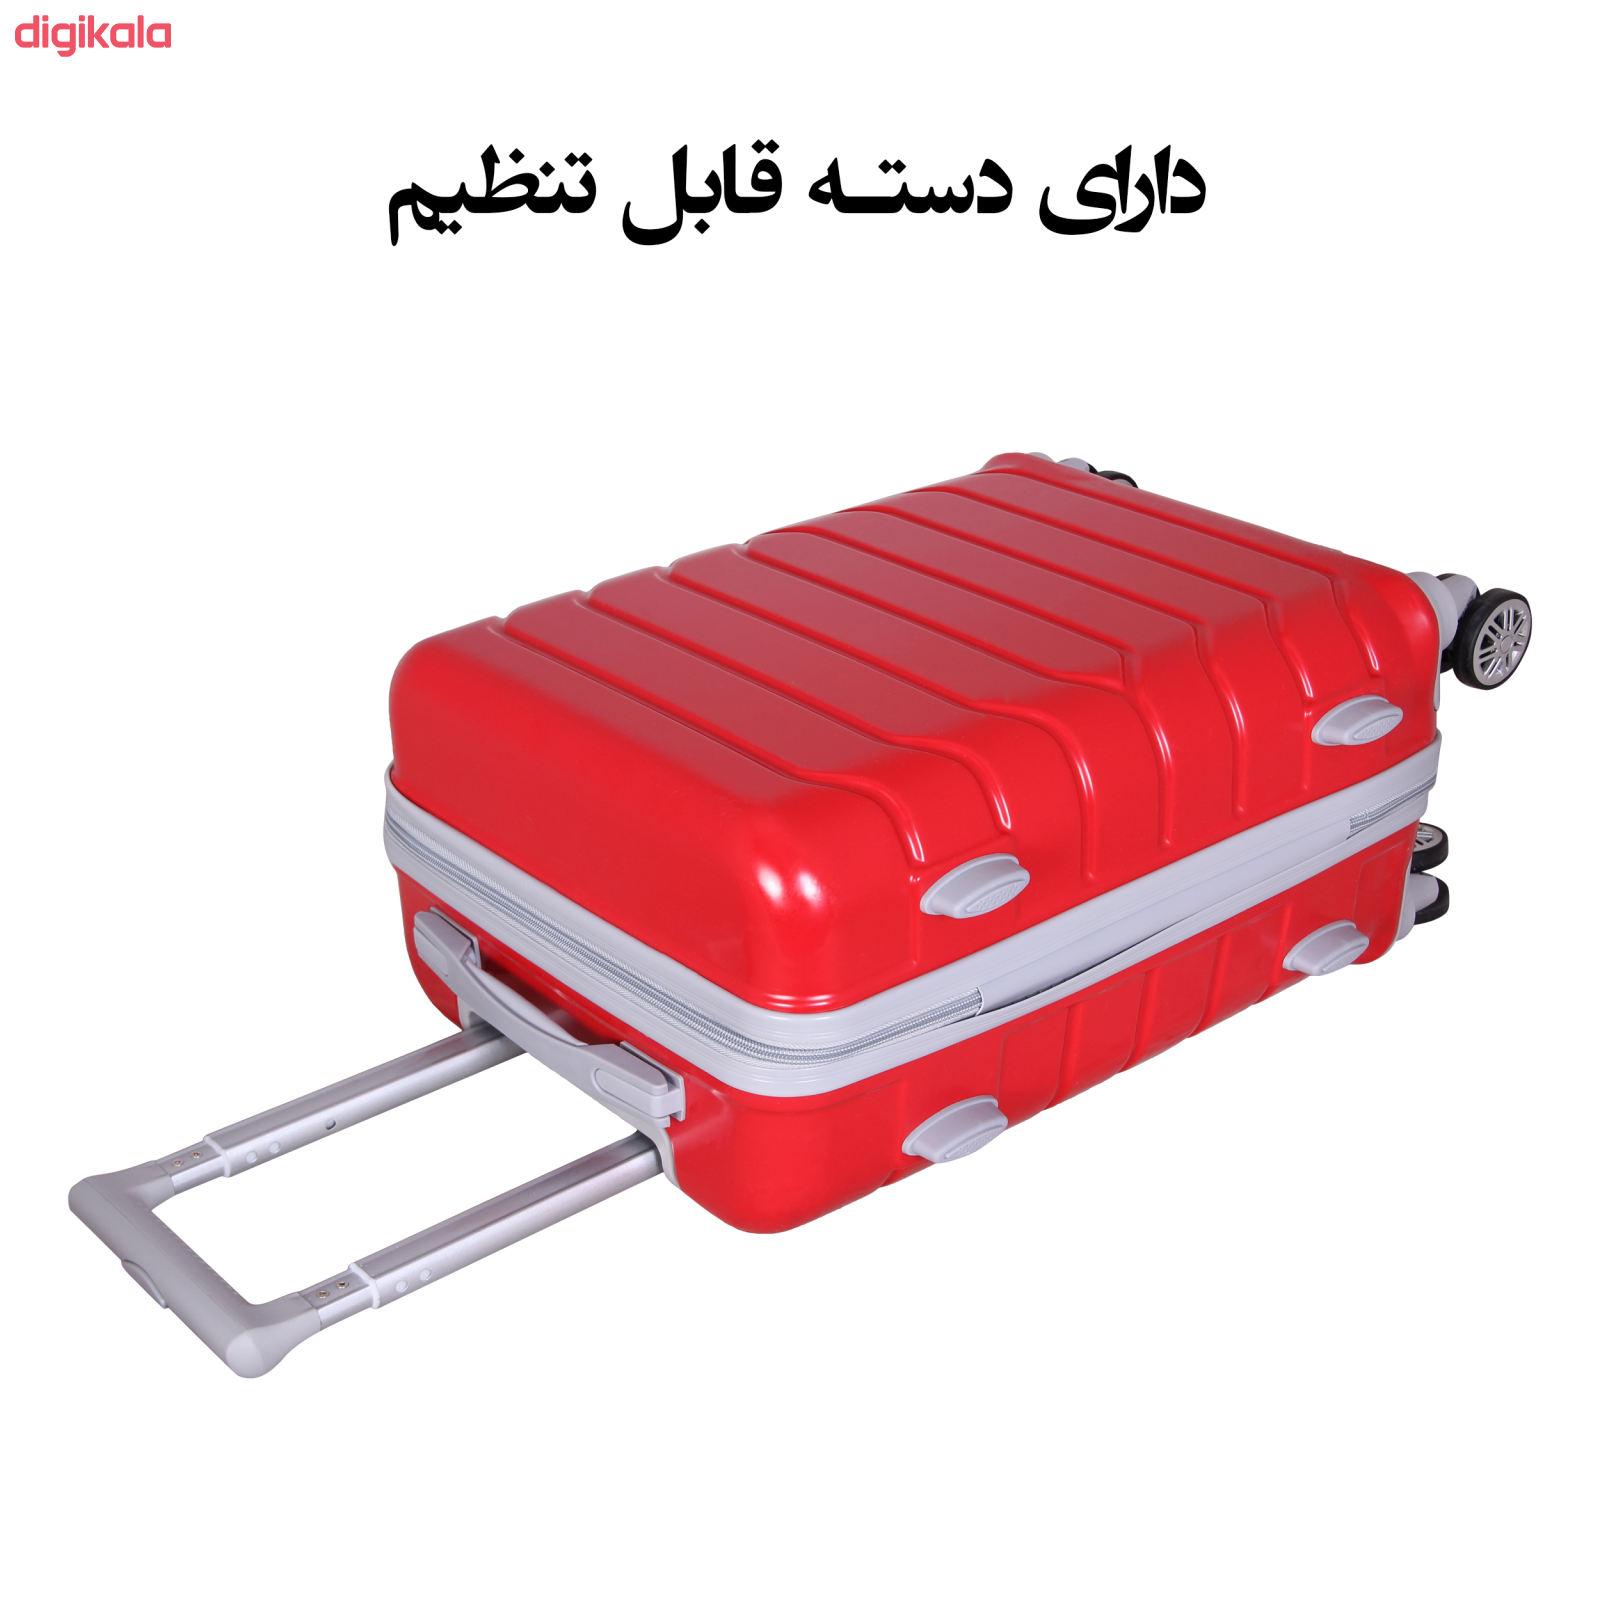 مجموعه سه عددی چمدان مدل 20020 main 1 16